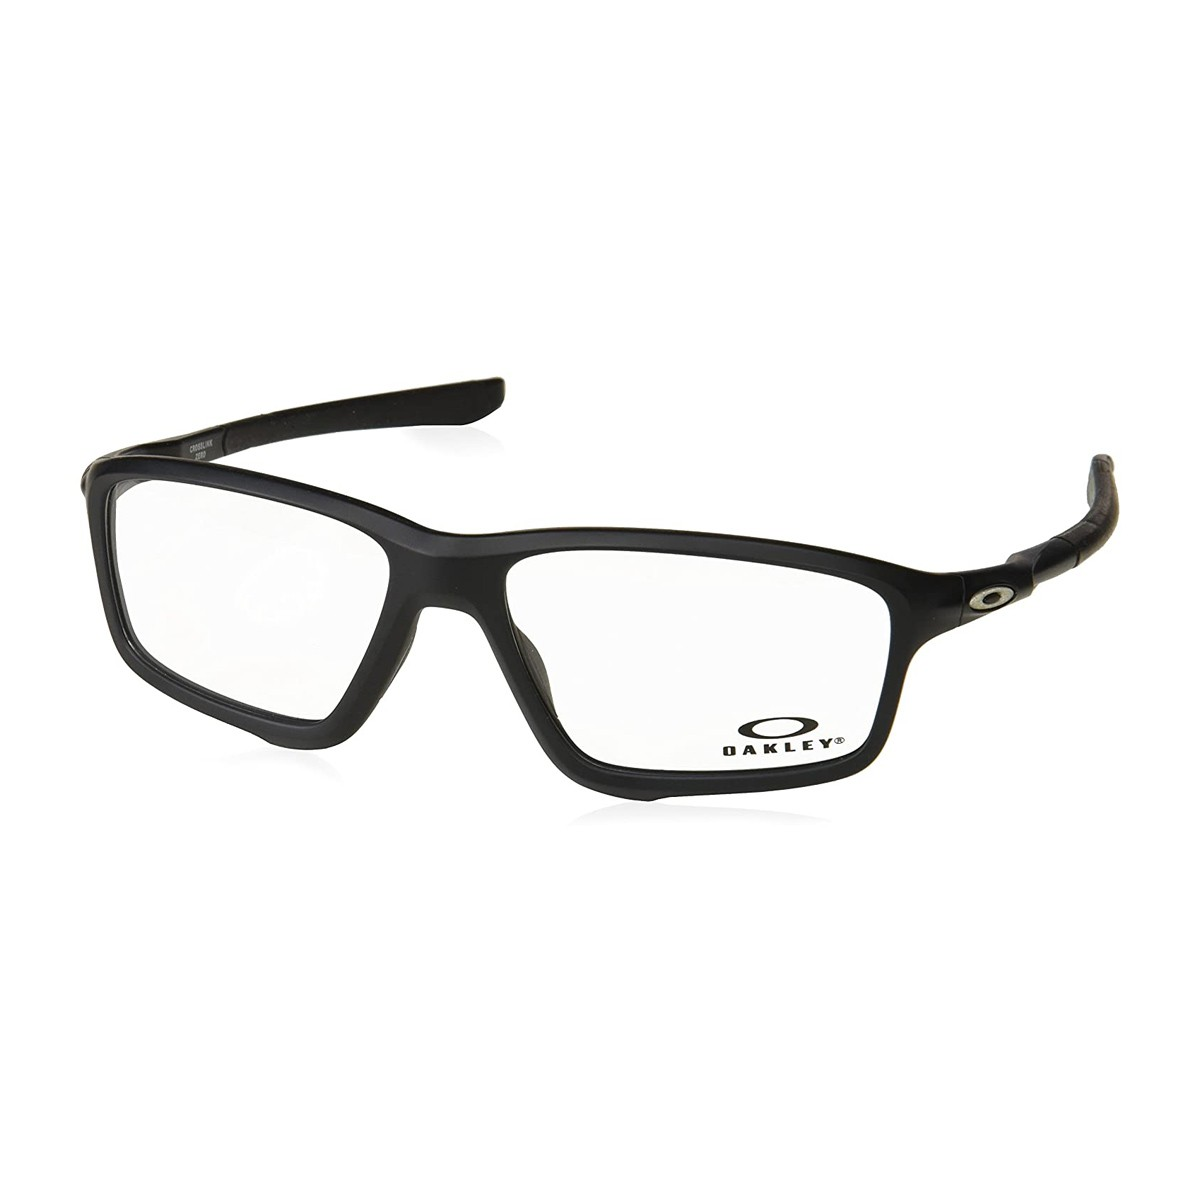 Oakley Crosslink Zero OX8076 | Men's eyeglasses